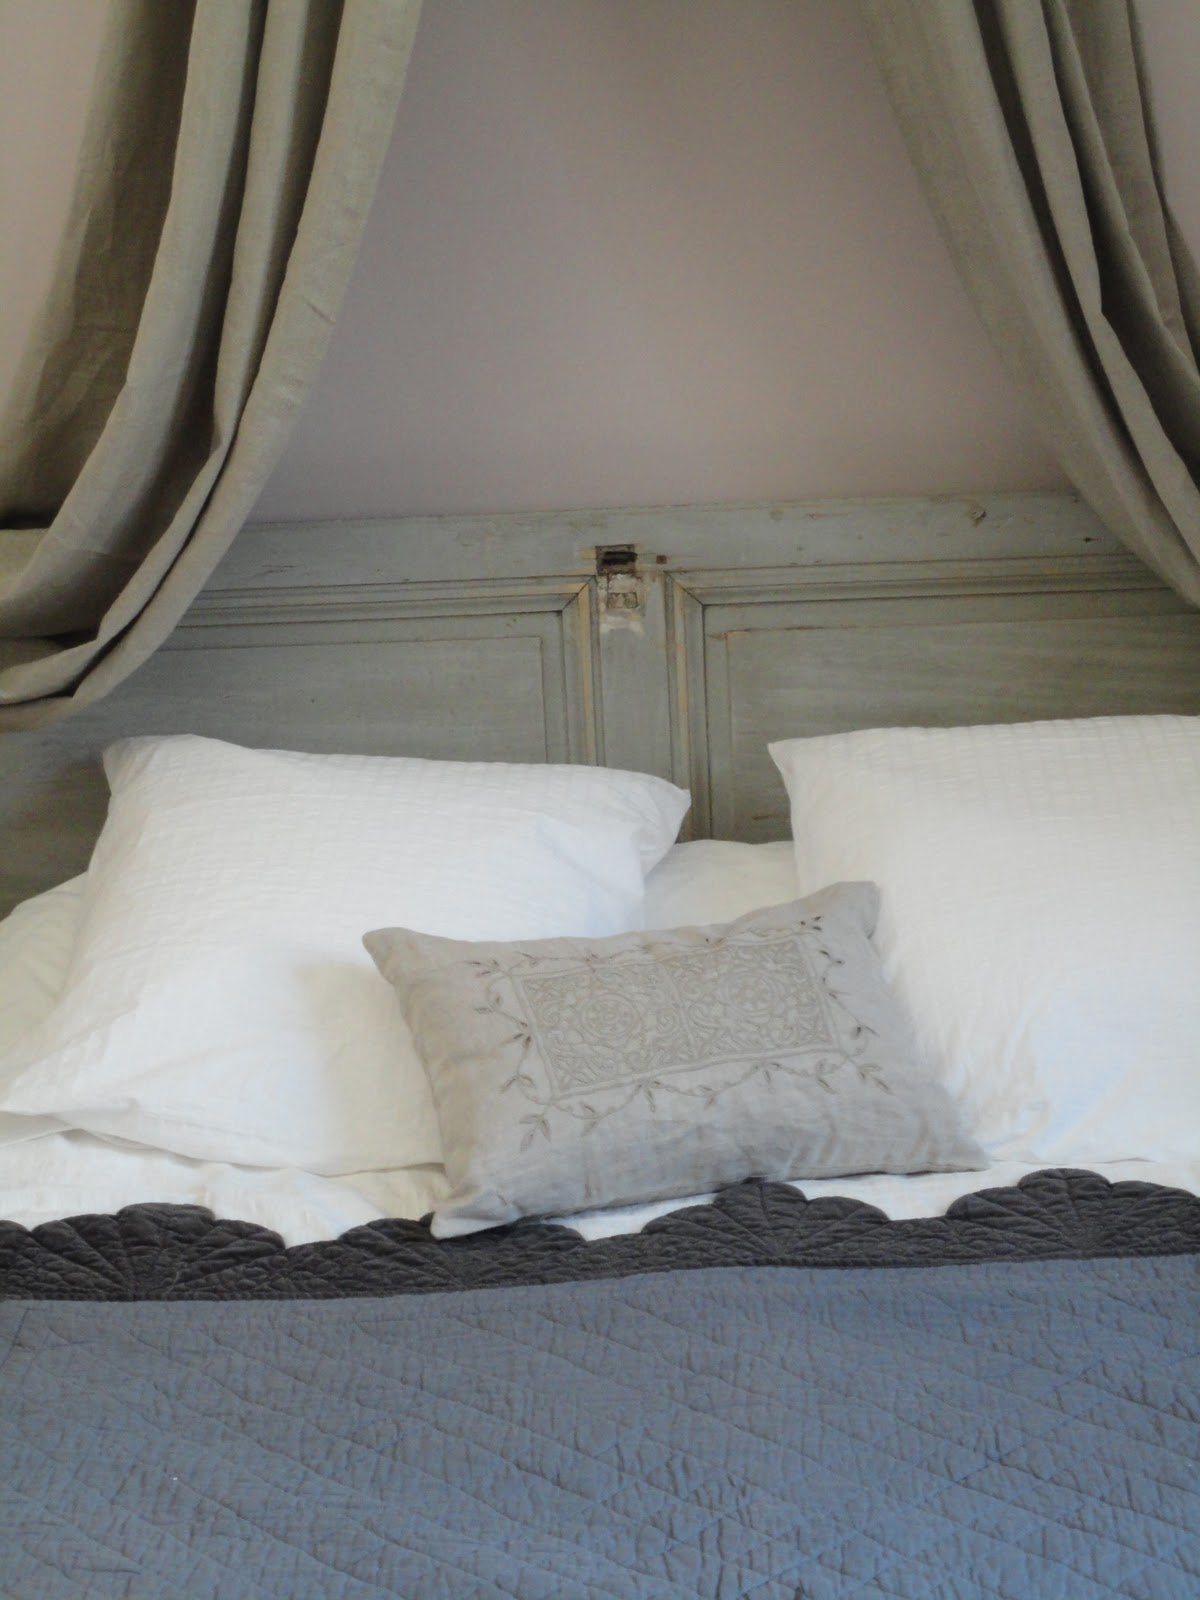 T te de lit ancien des photoa des photoa de fond fond d 39 cran - Tete de lit 1 personne ...